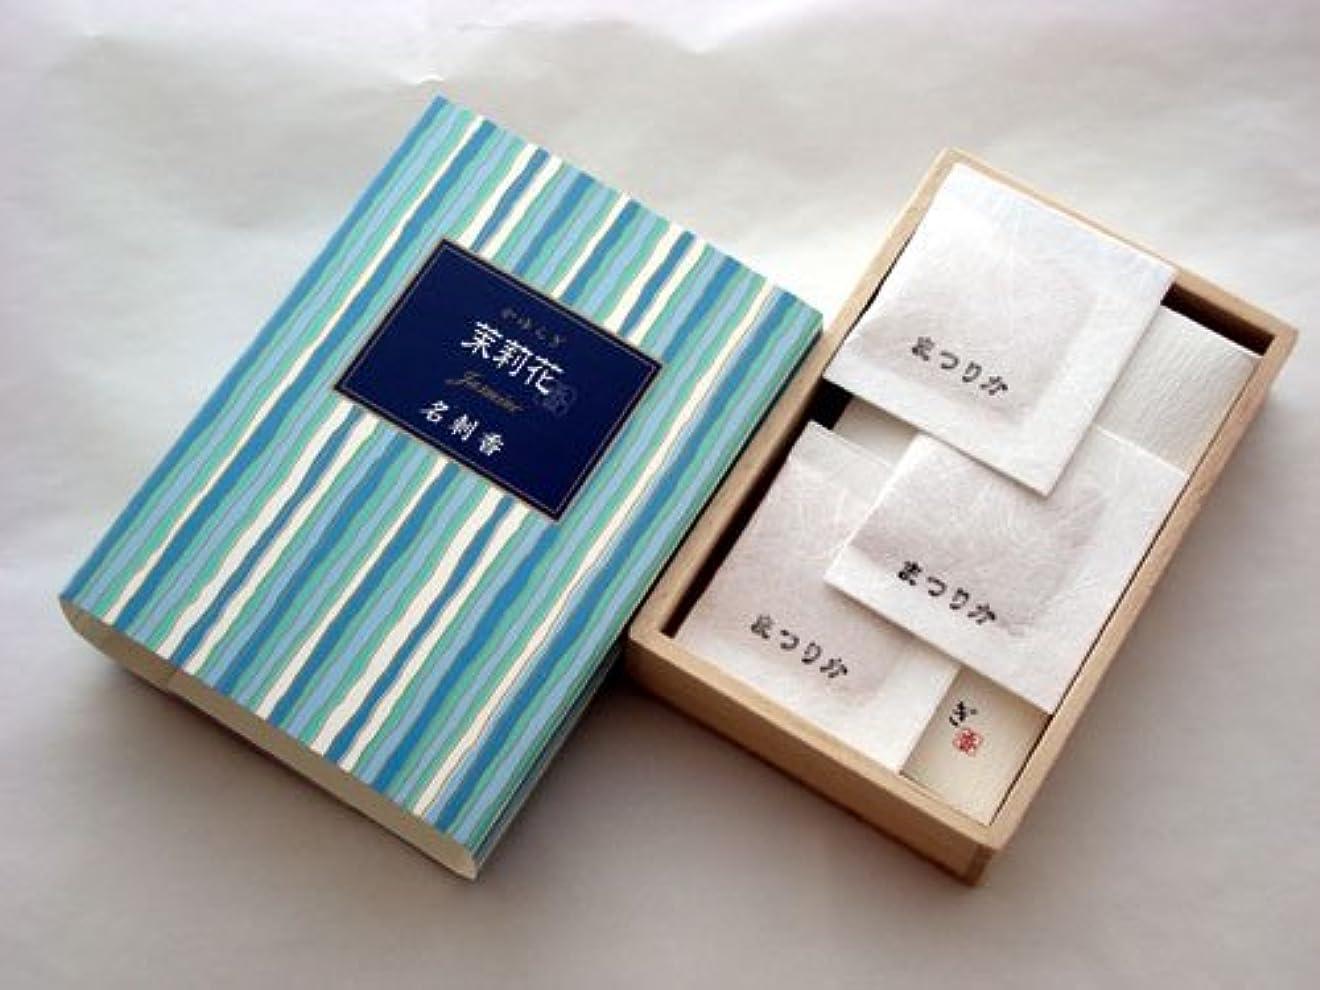 温かい花瓶りんごかゆらぎ 茉莉花(まつりか) 名刺香 桐箱6入